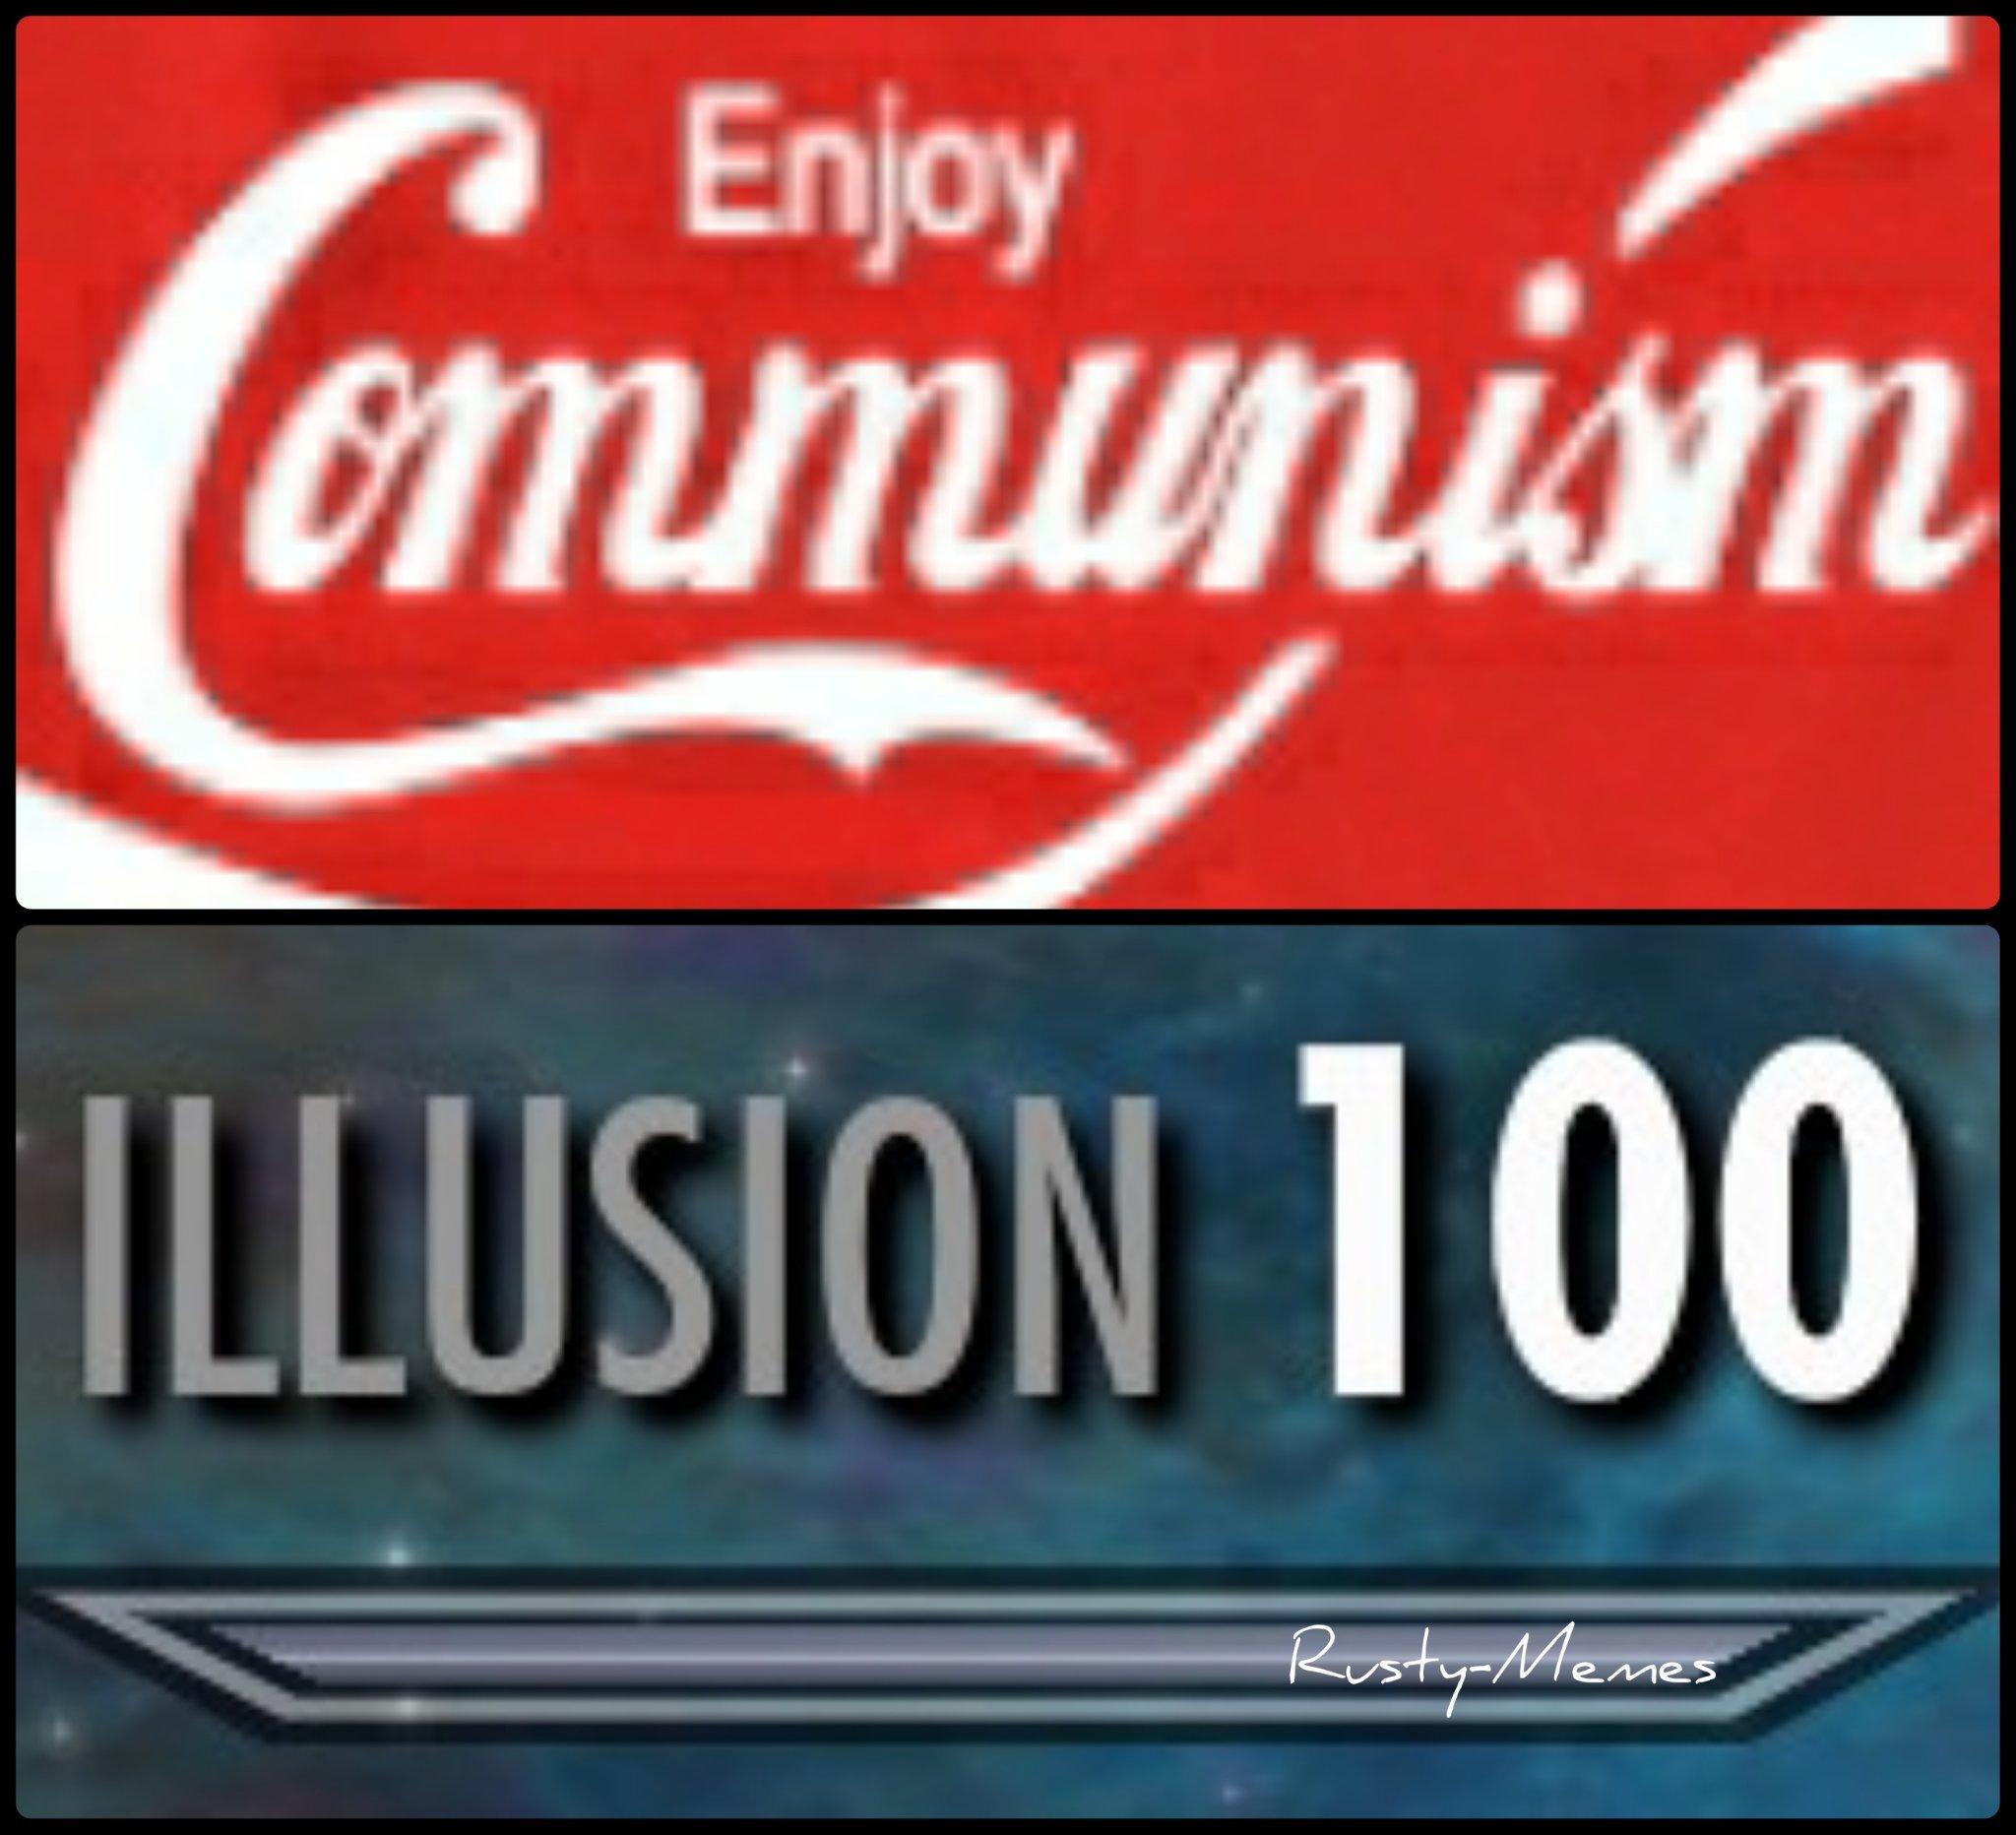 Faire passer le communisme en douce - meme